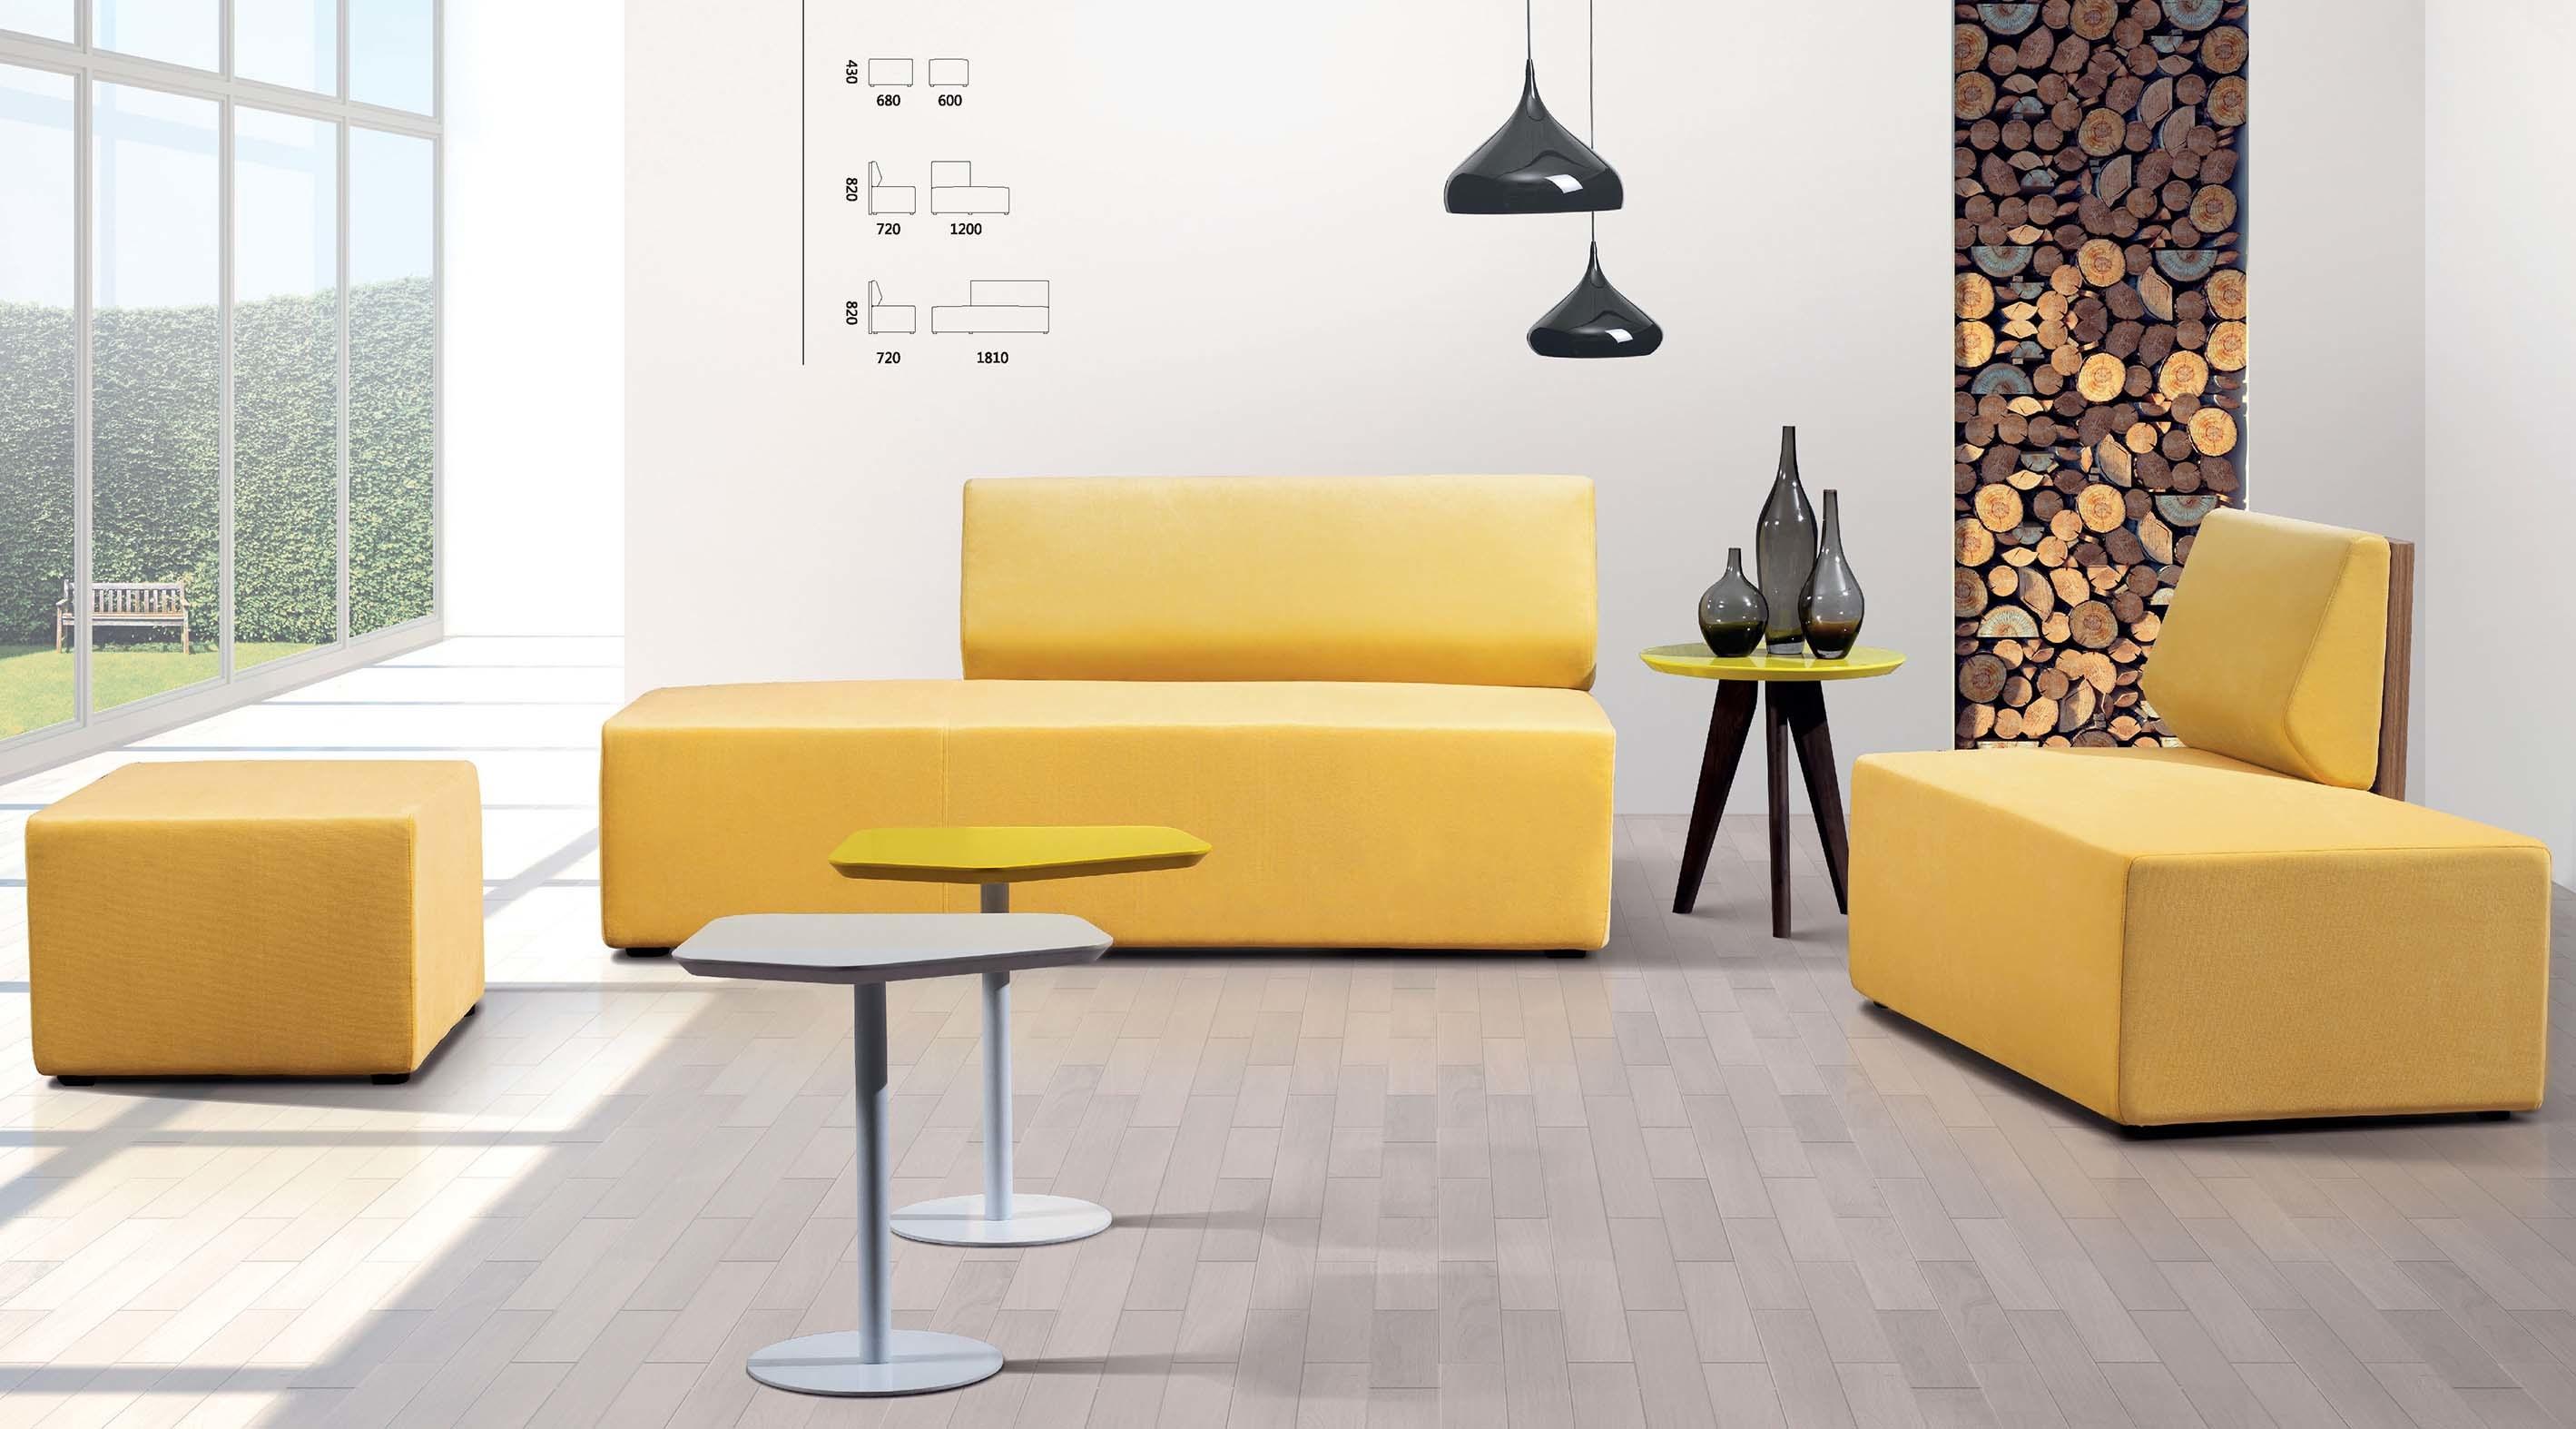 Muebles Modernos Sala De Espera Sofa De Oficina Con Mesa De Cafe - Muebles-modernos-de-sala